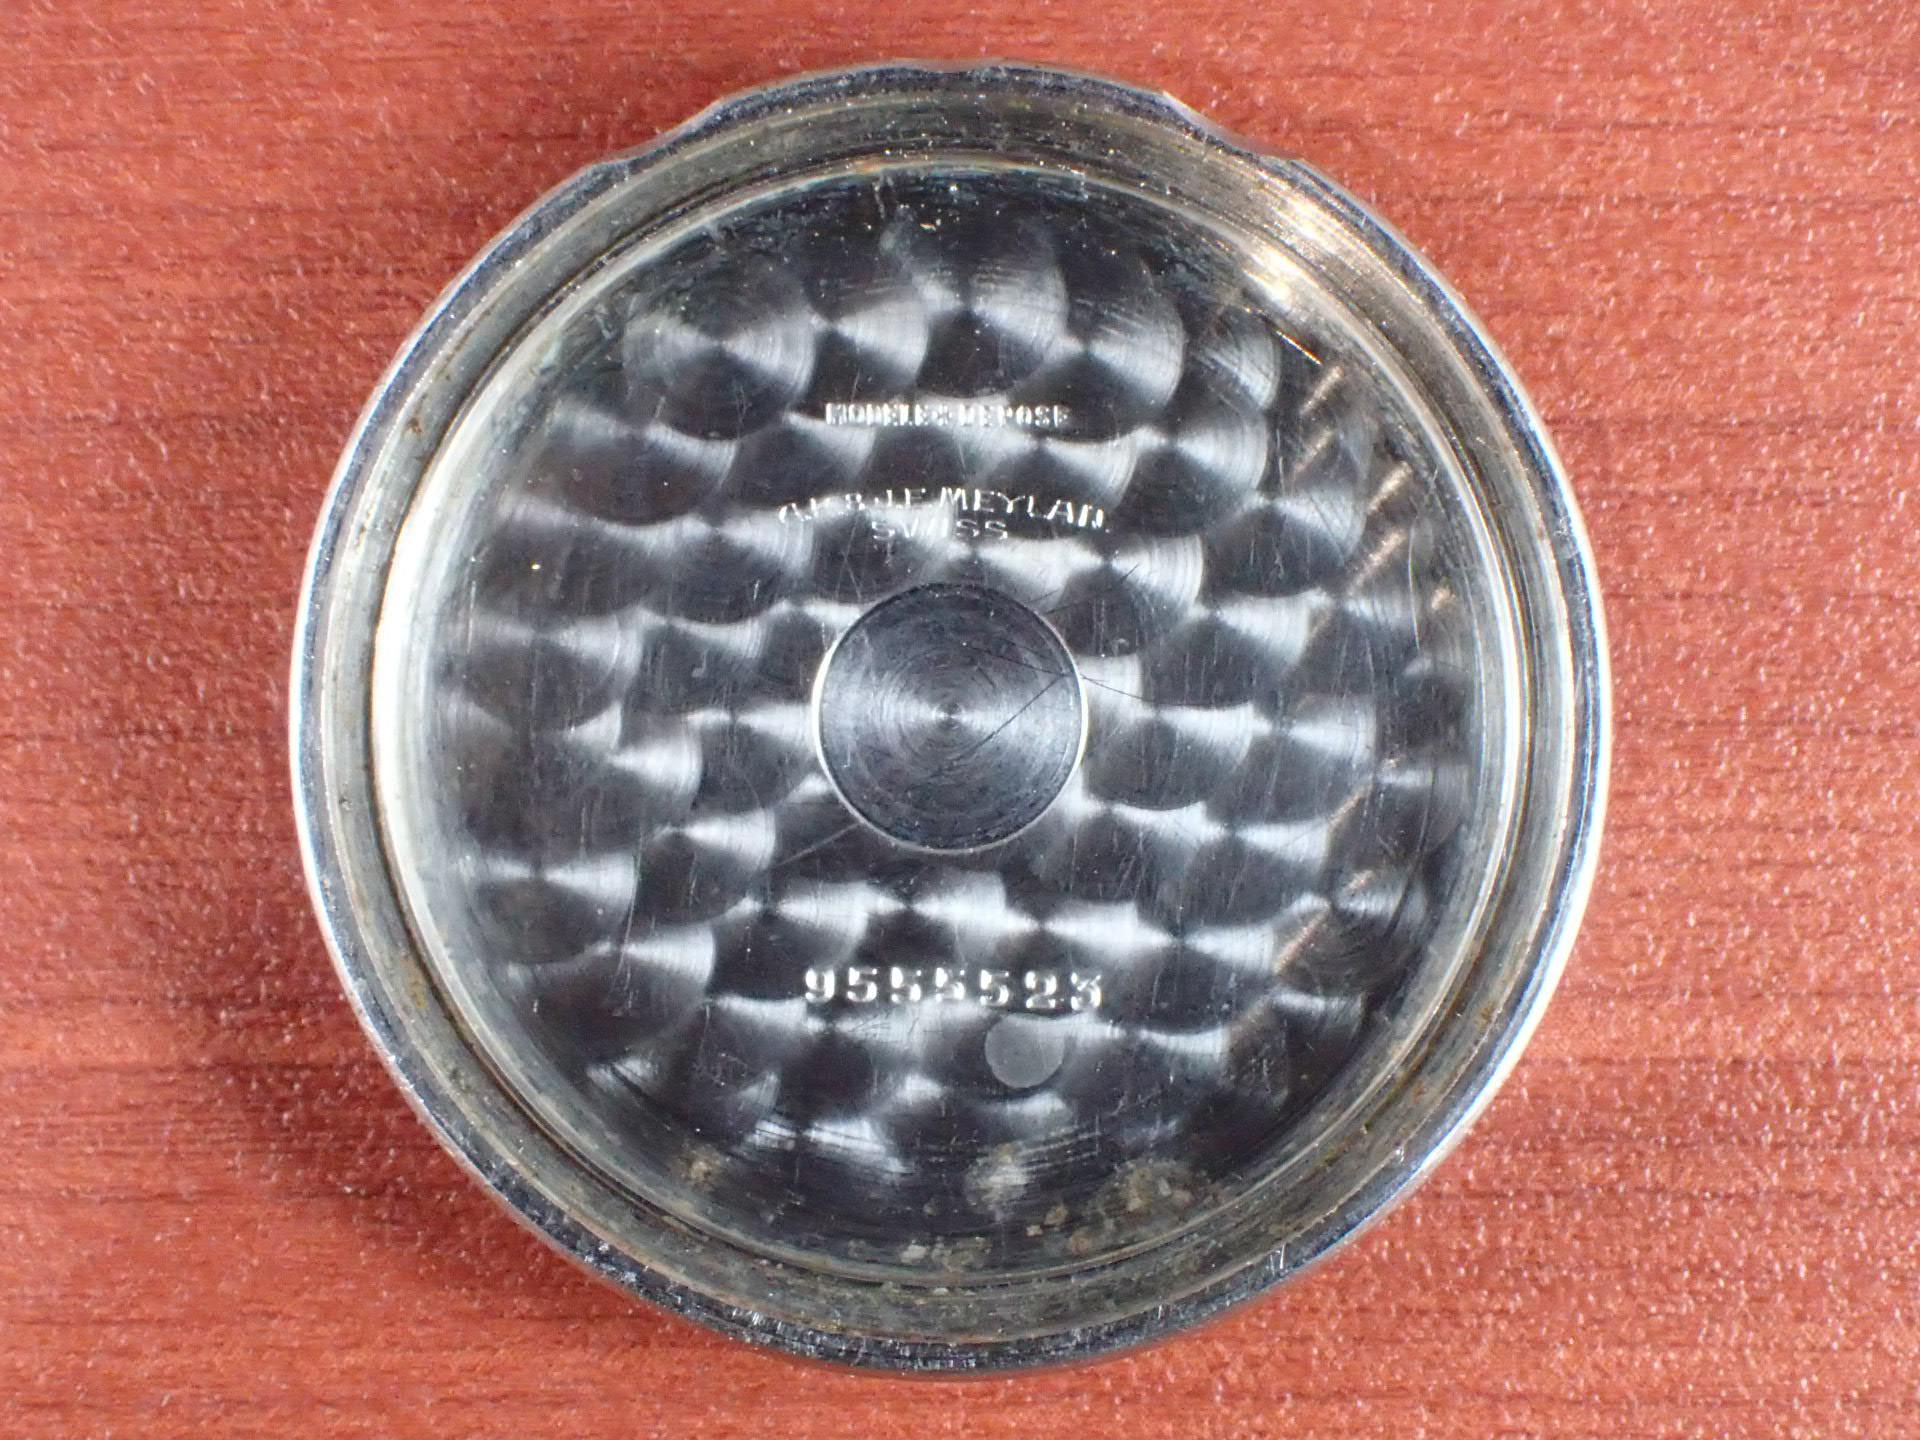 メイラン クロノグラフ Cal.Lemania13CH ブレゲインデックス 1940年代の写真6枚目